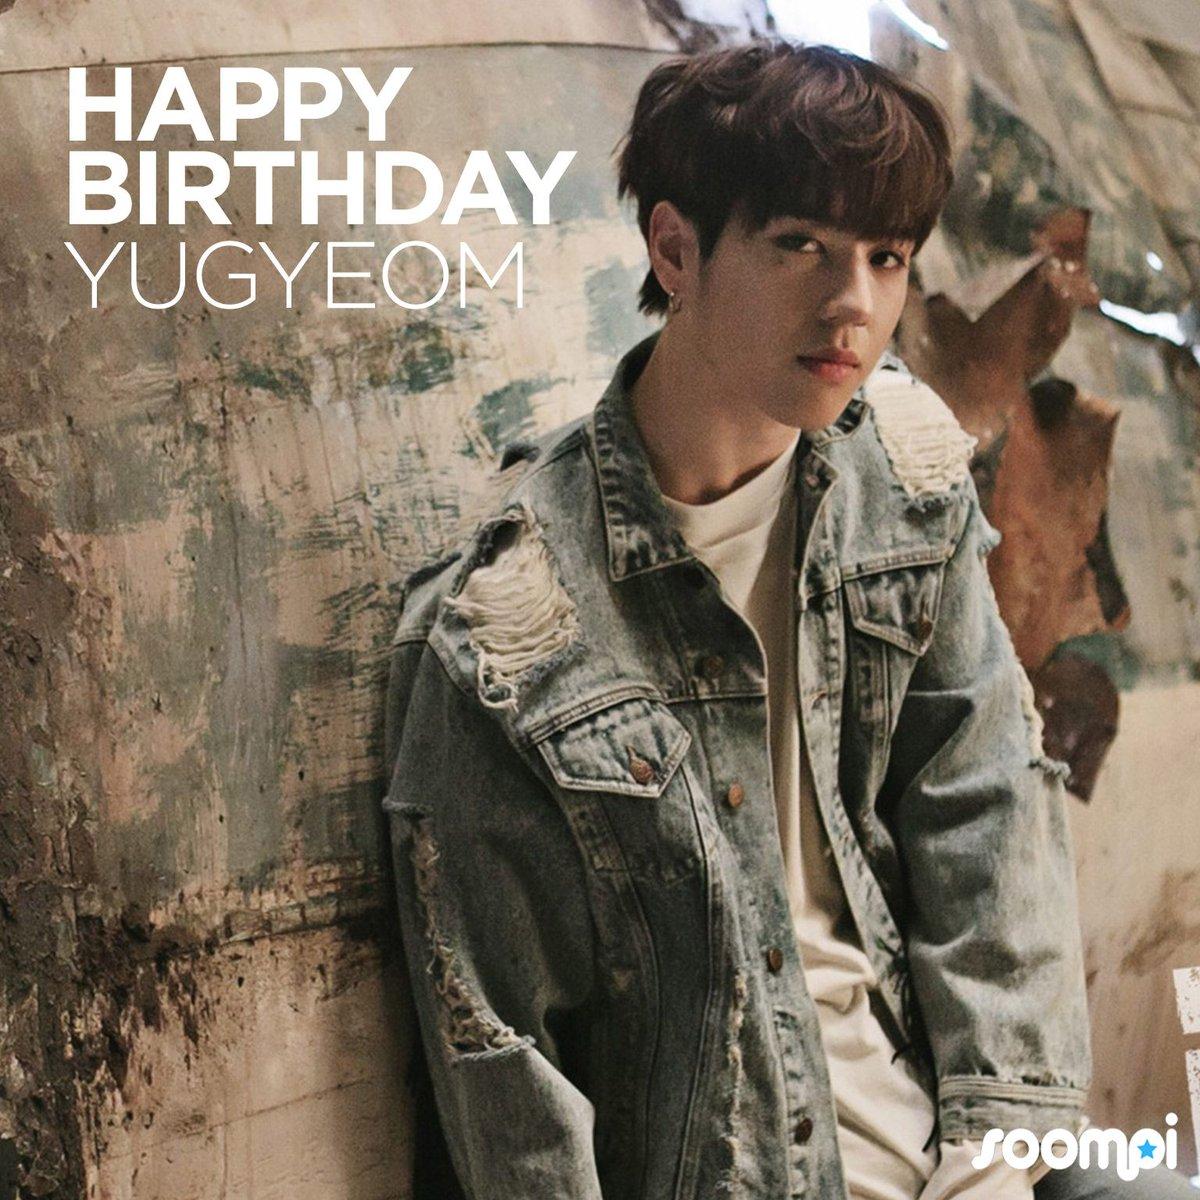 Happy birthday Yugyeom